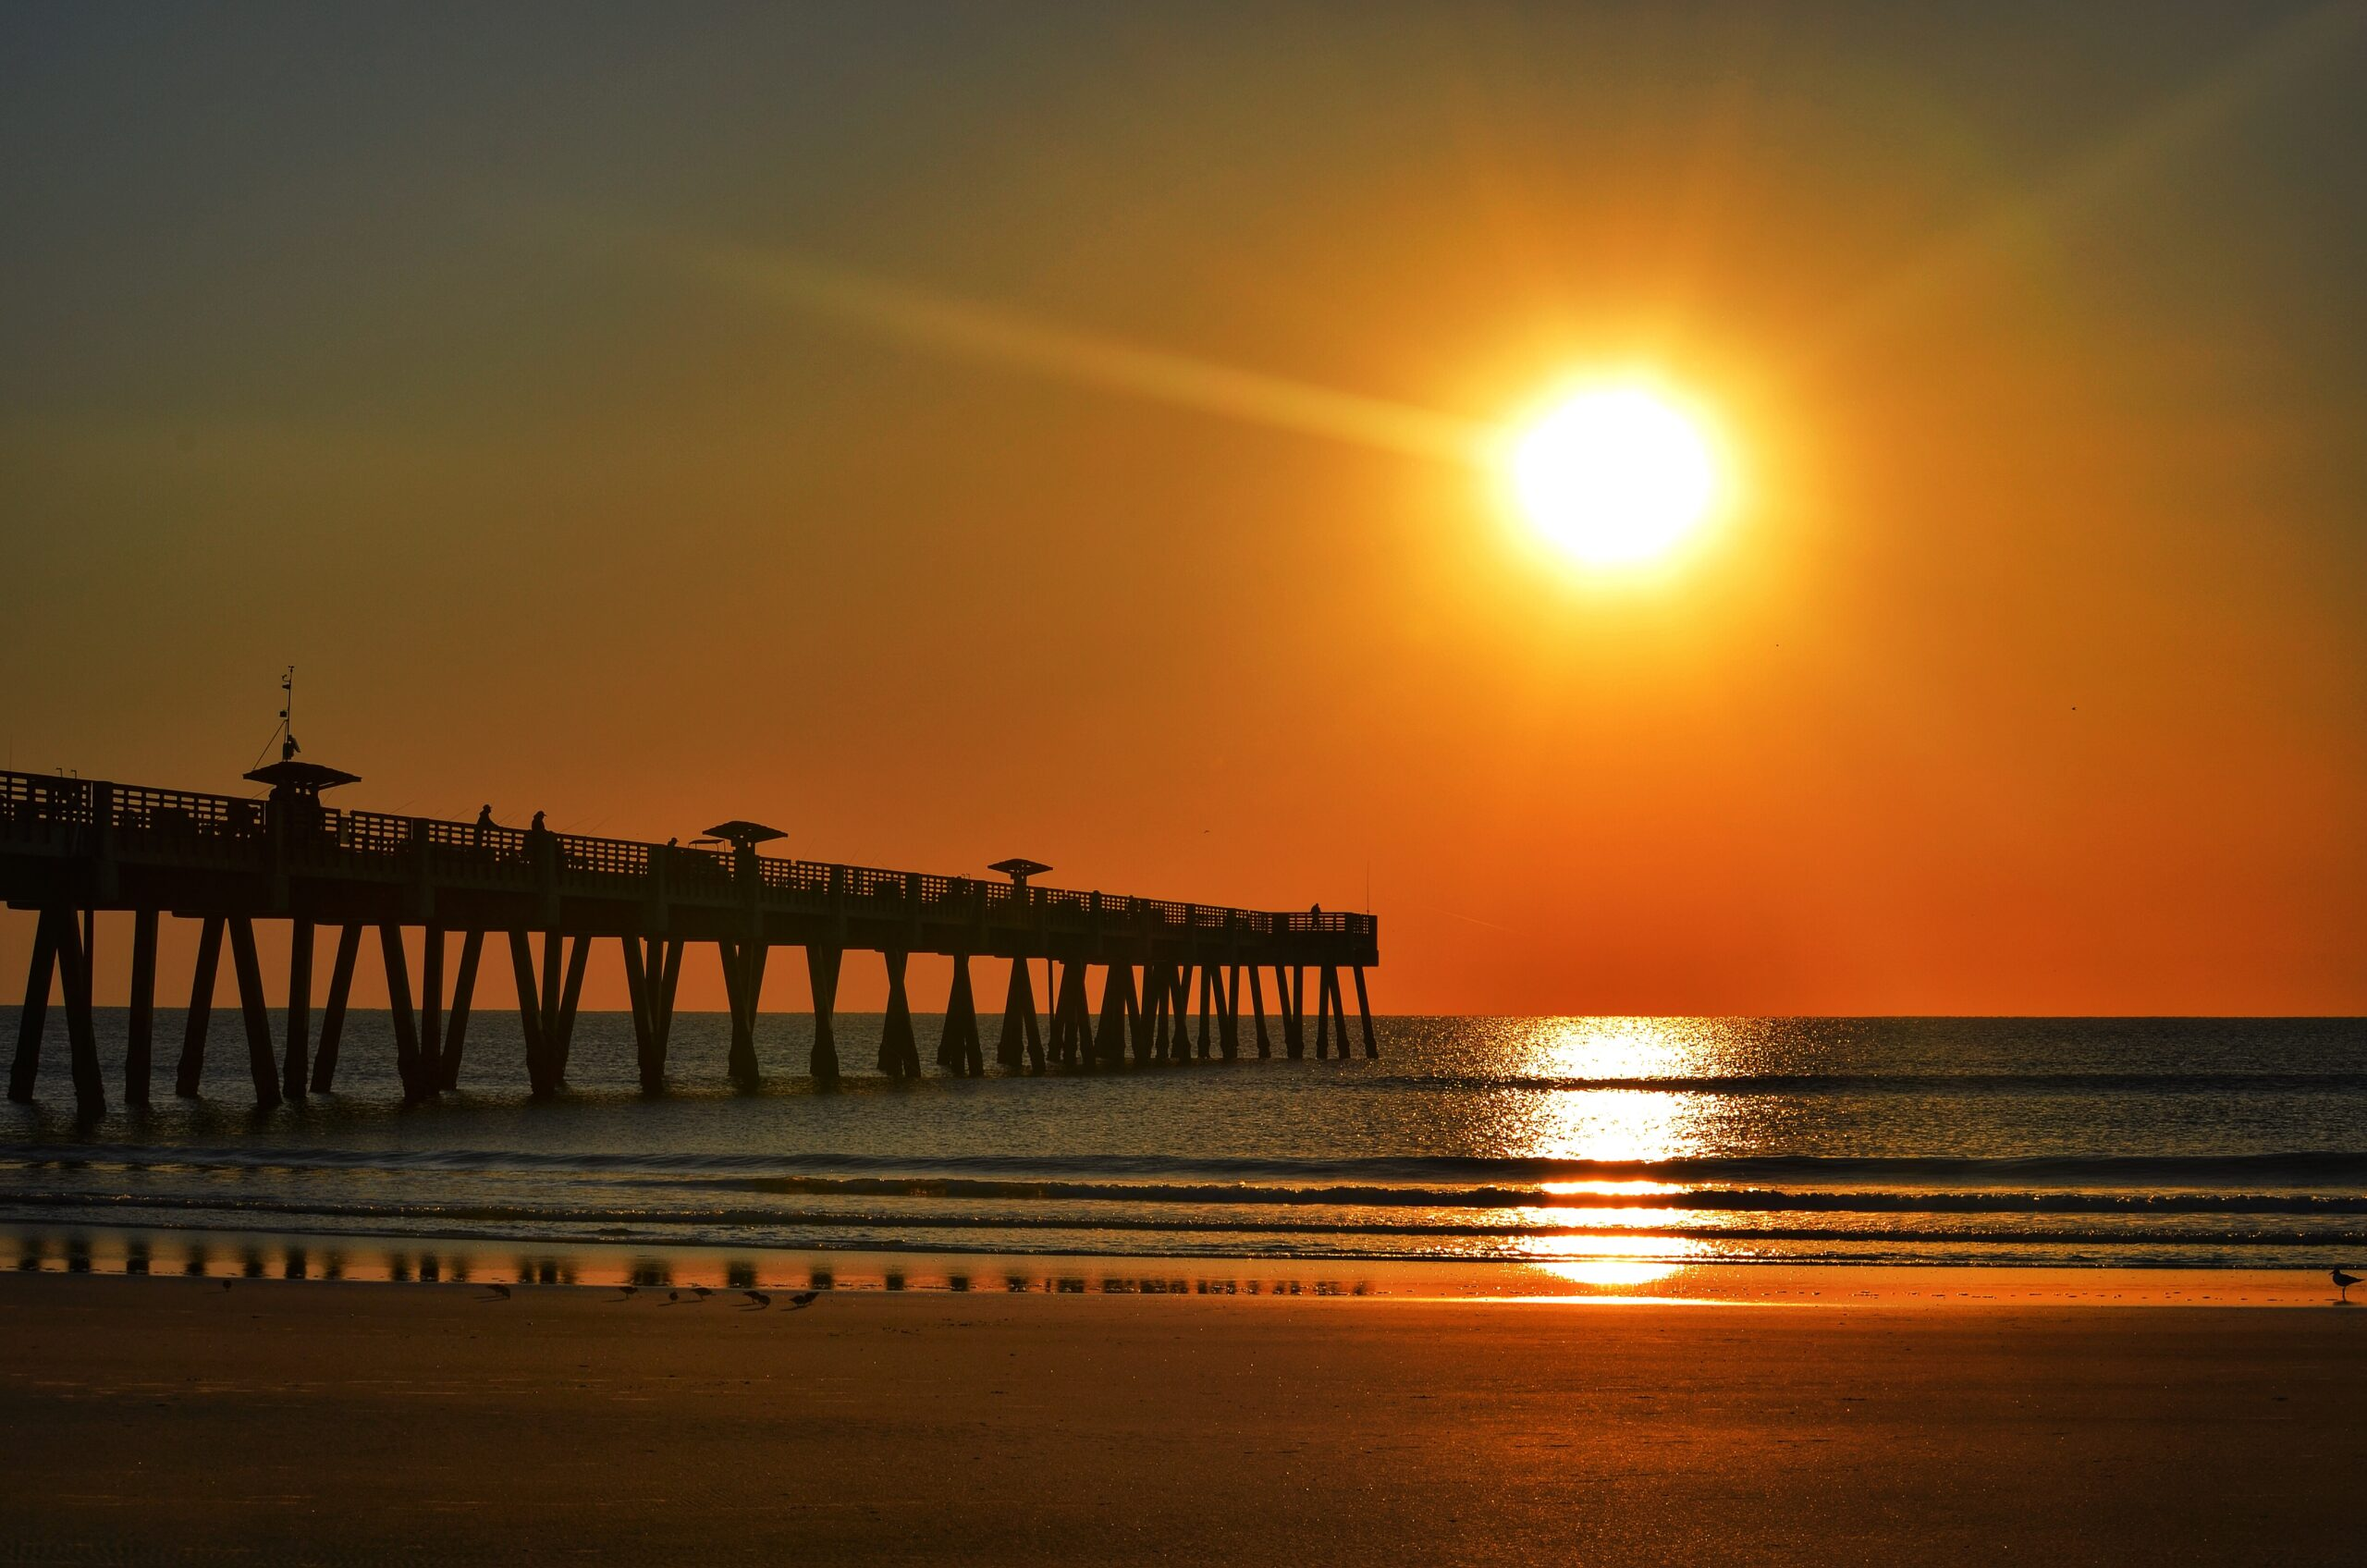 Sunset in Jacksonville, FL